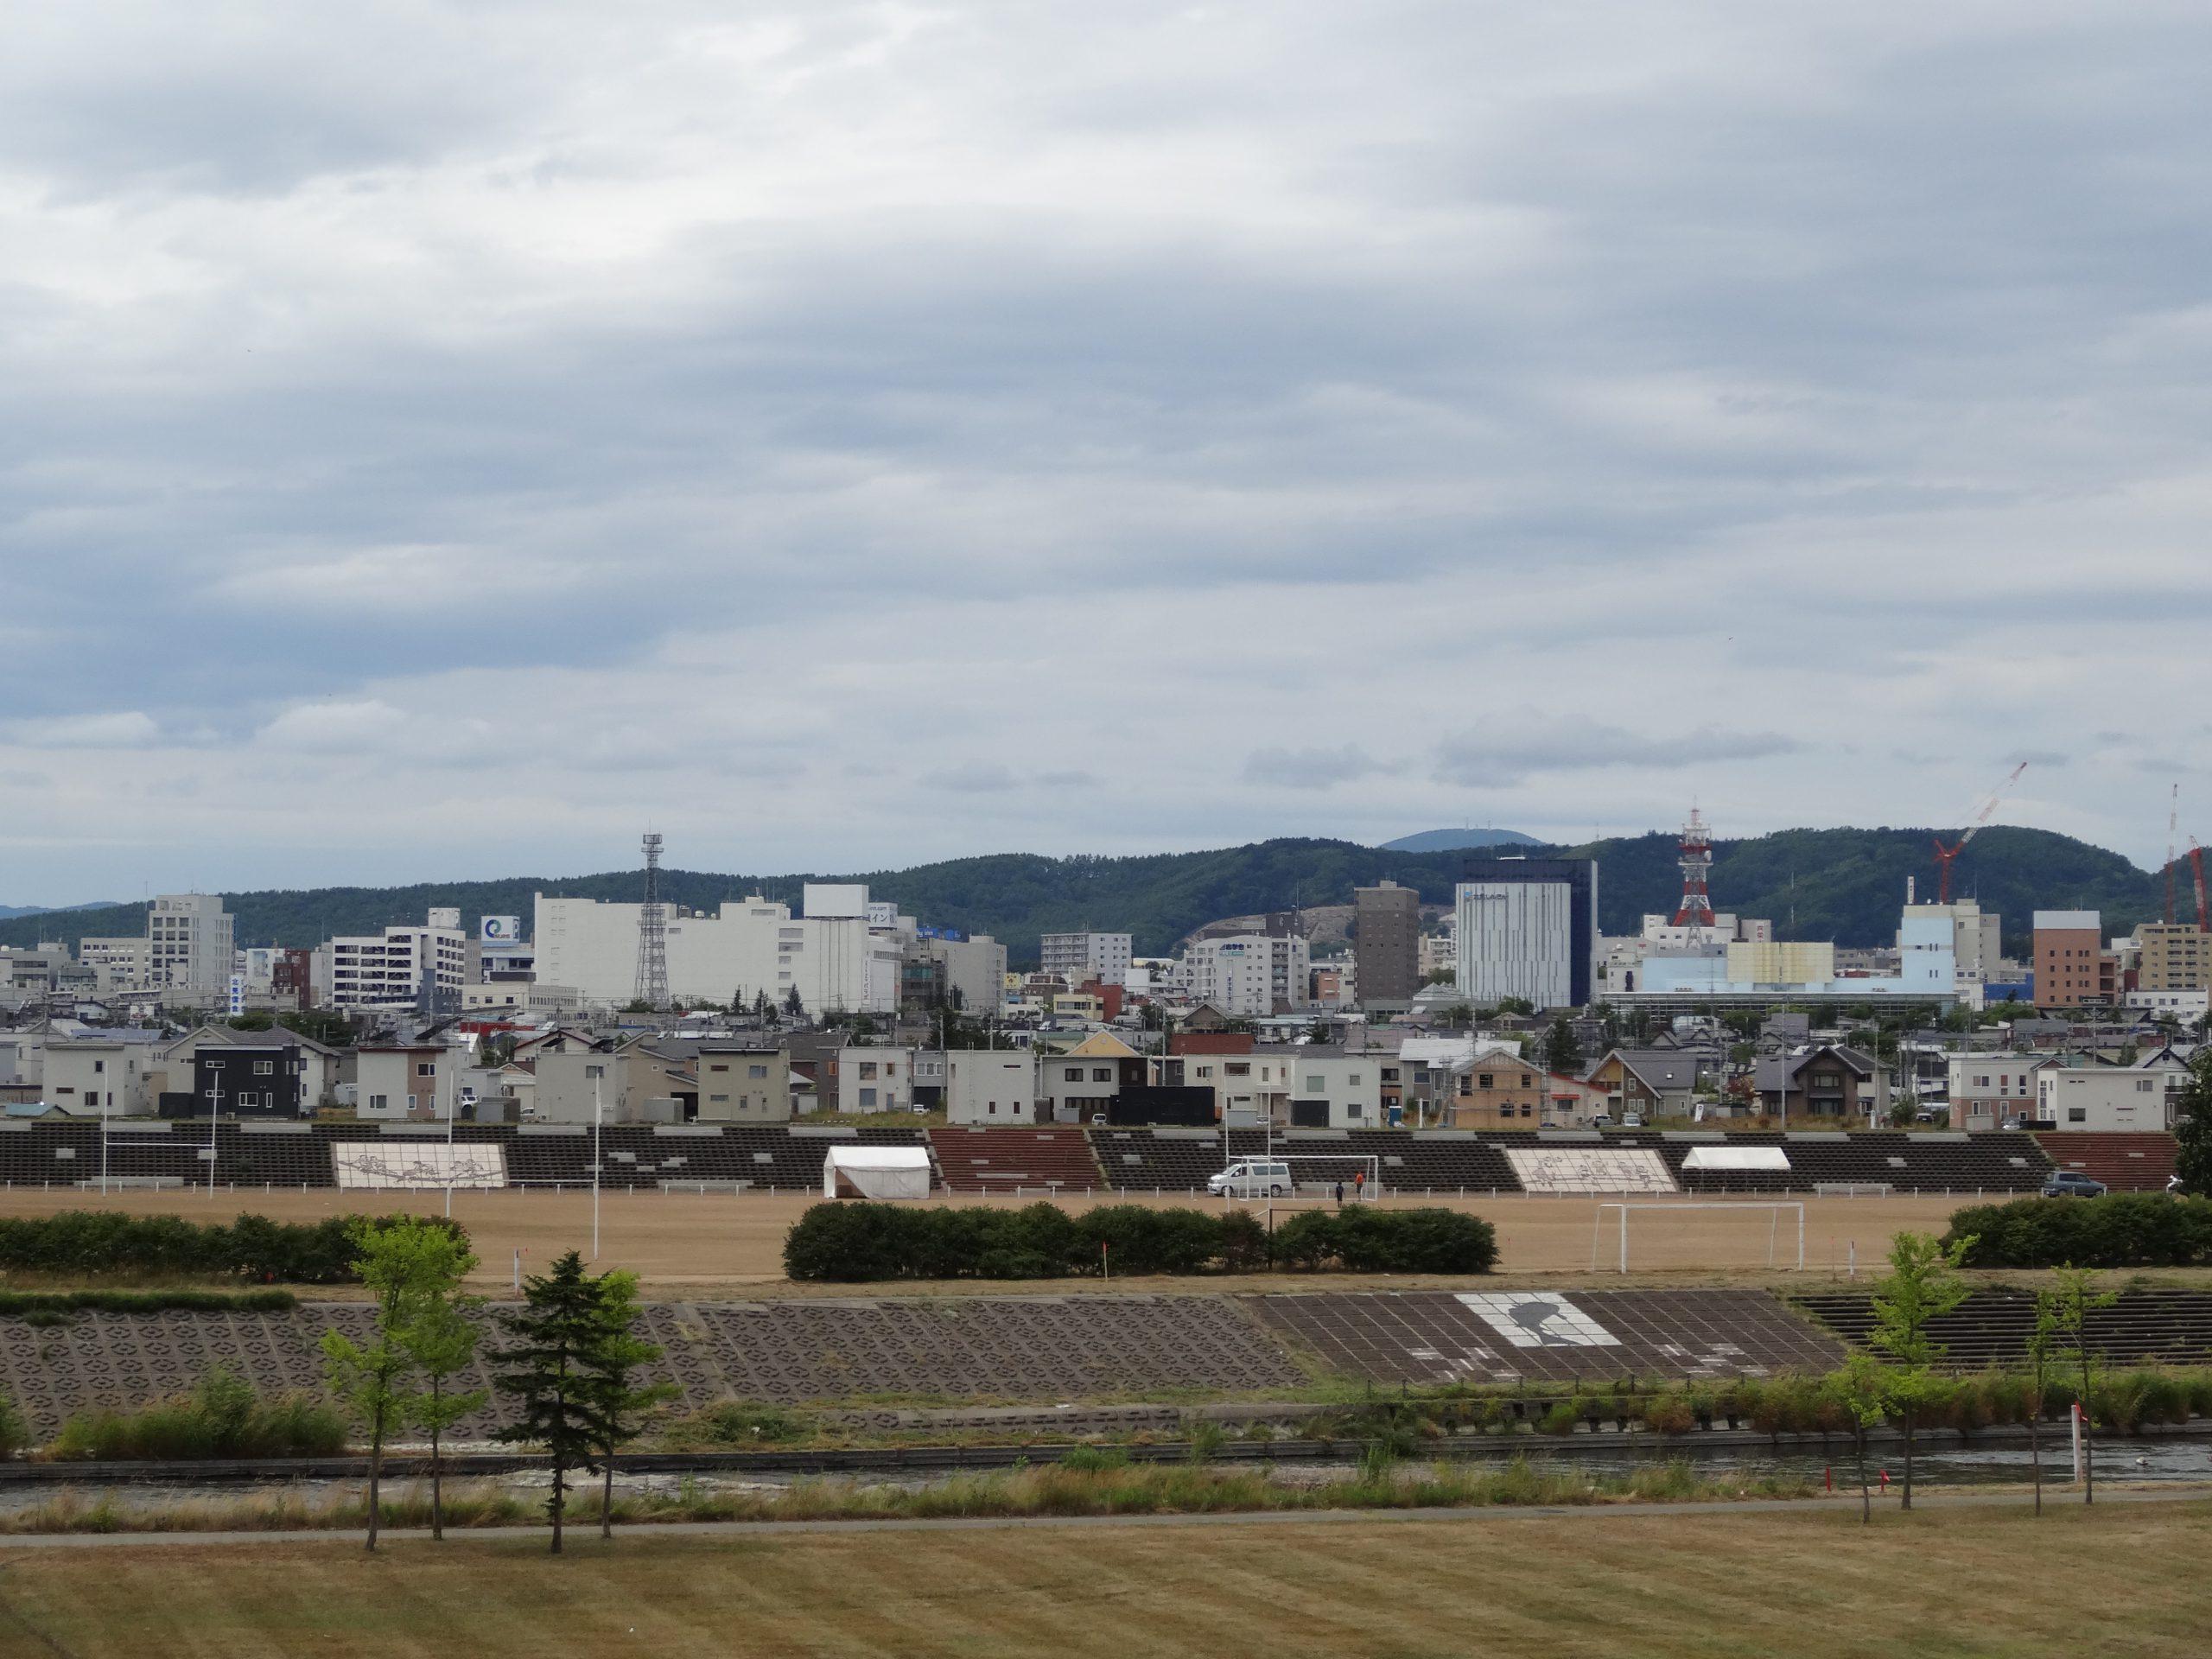 Kitami: Hokkaido's 'Widest' City